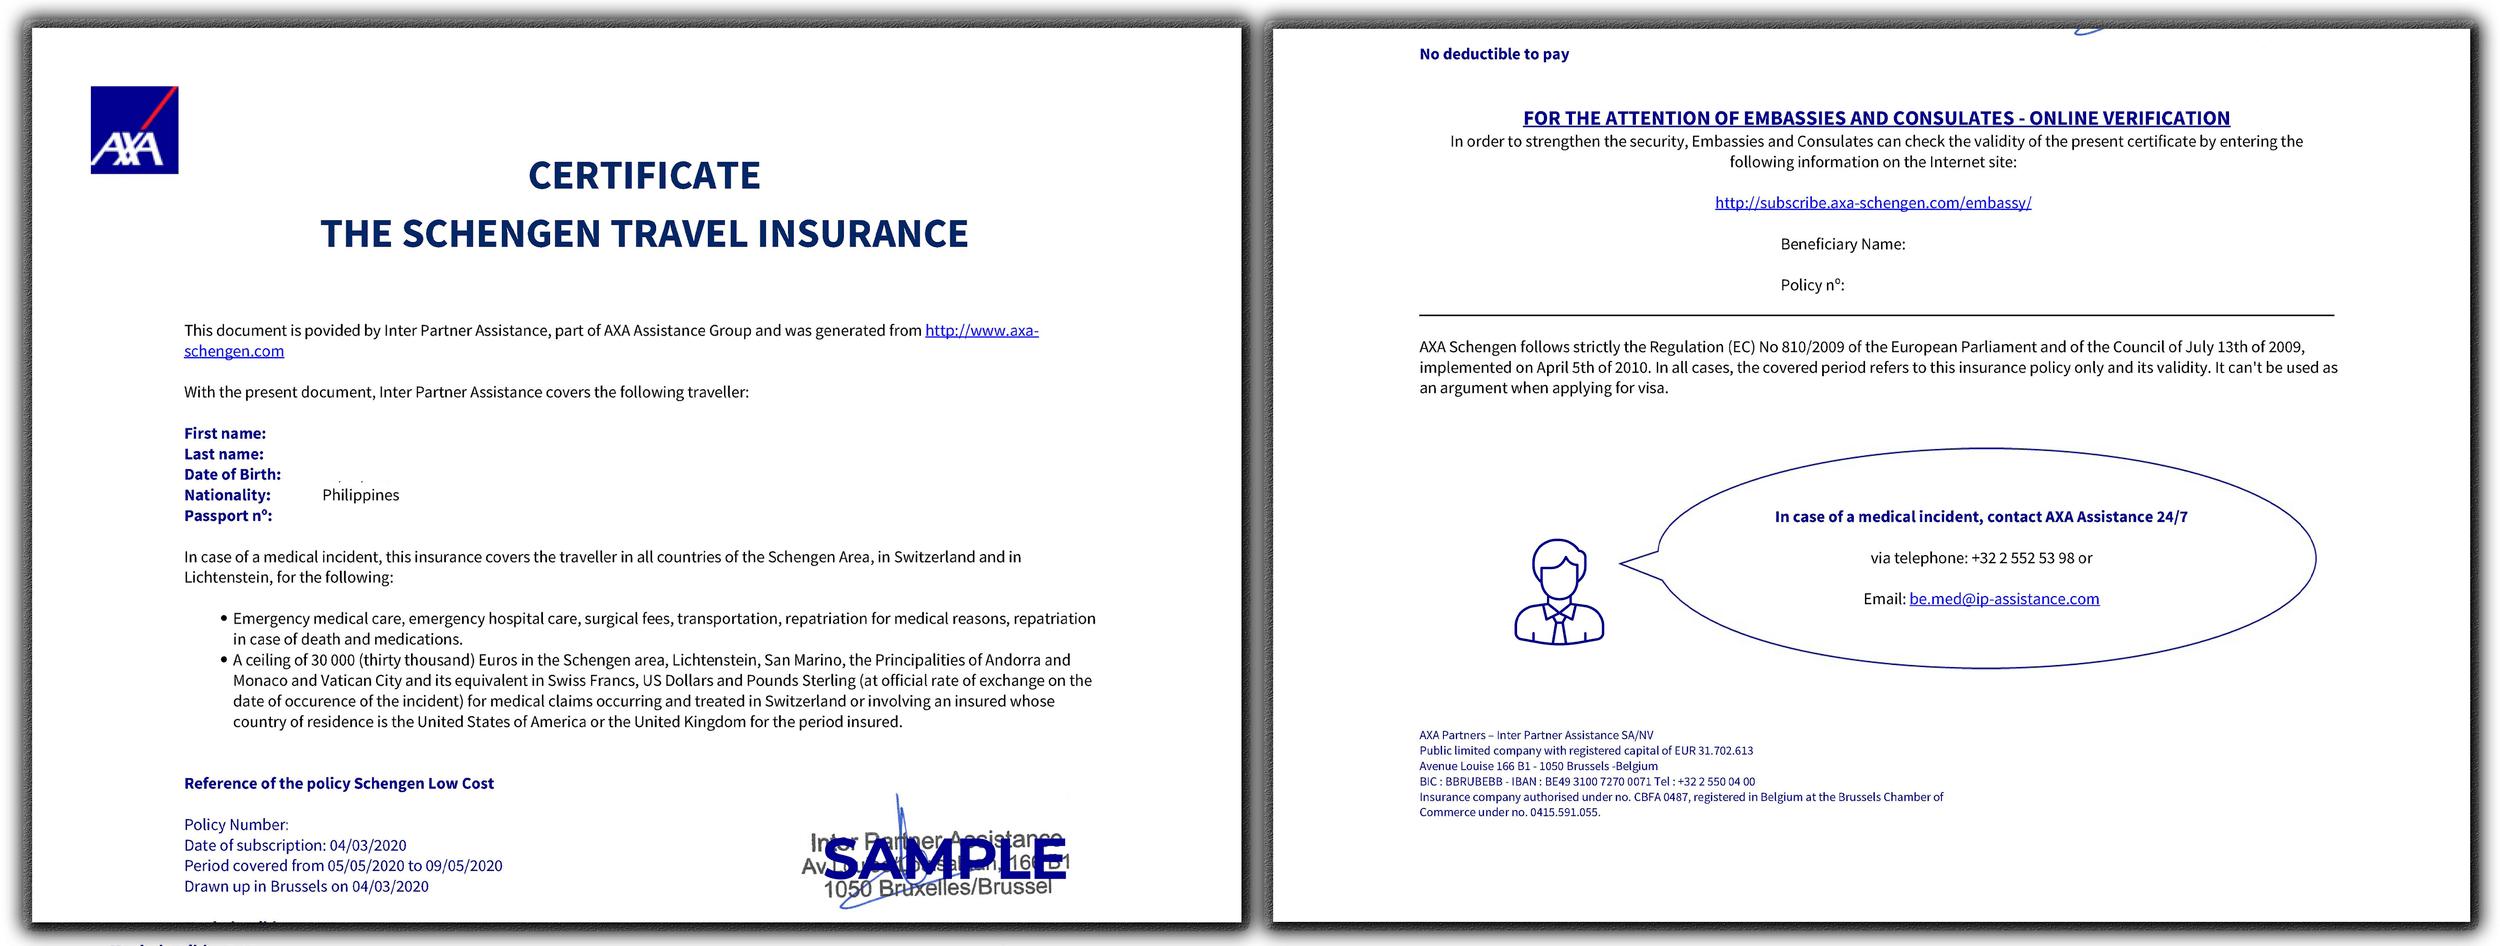 AXA Schengen Insurance